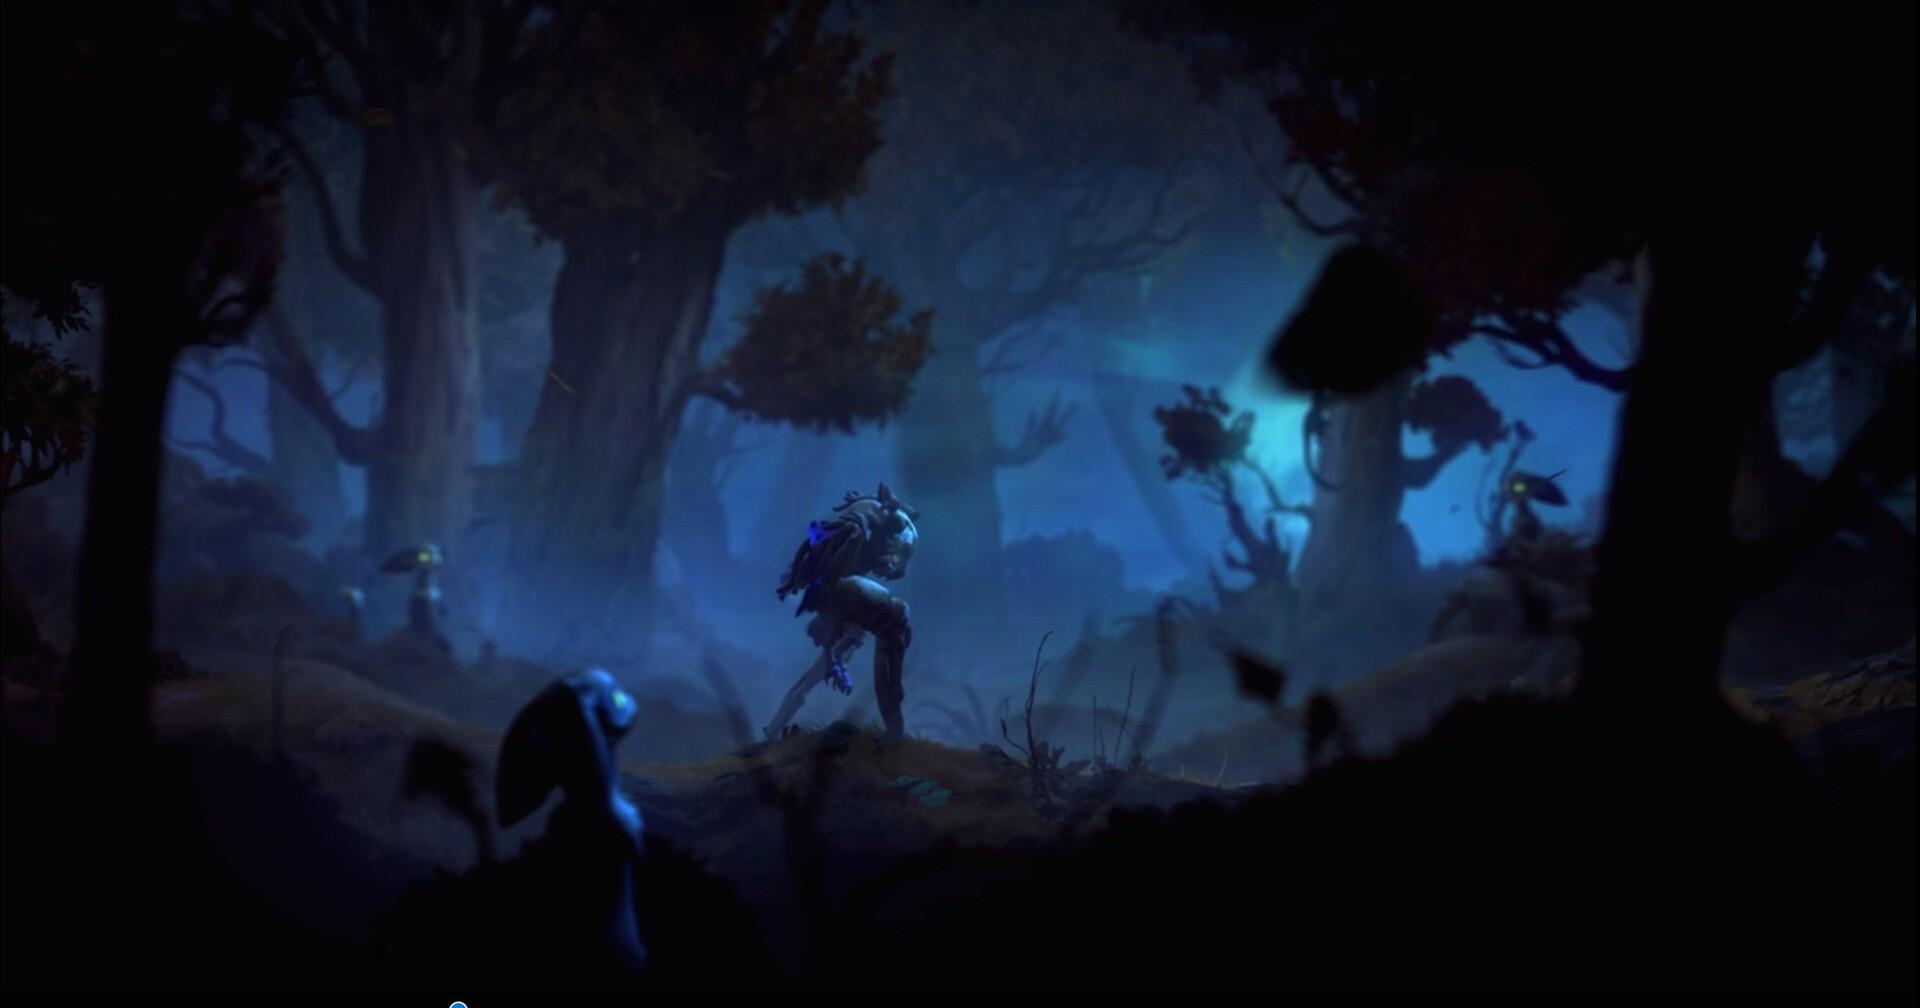 Shriek backstory Character lighting